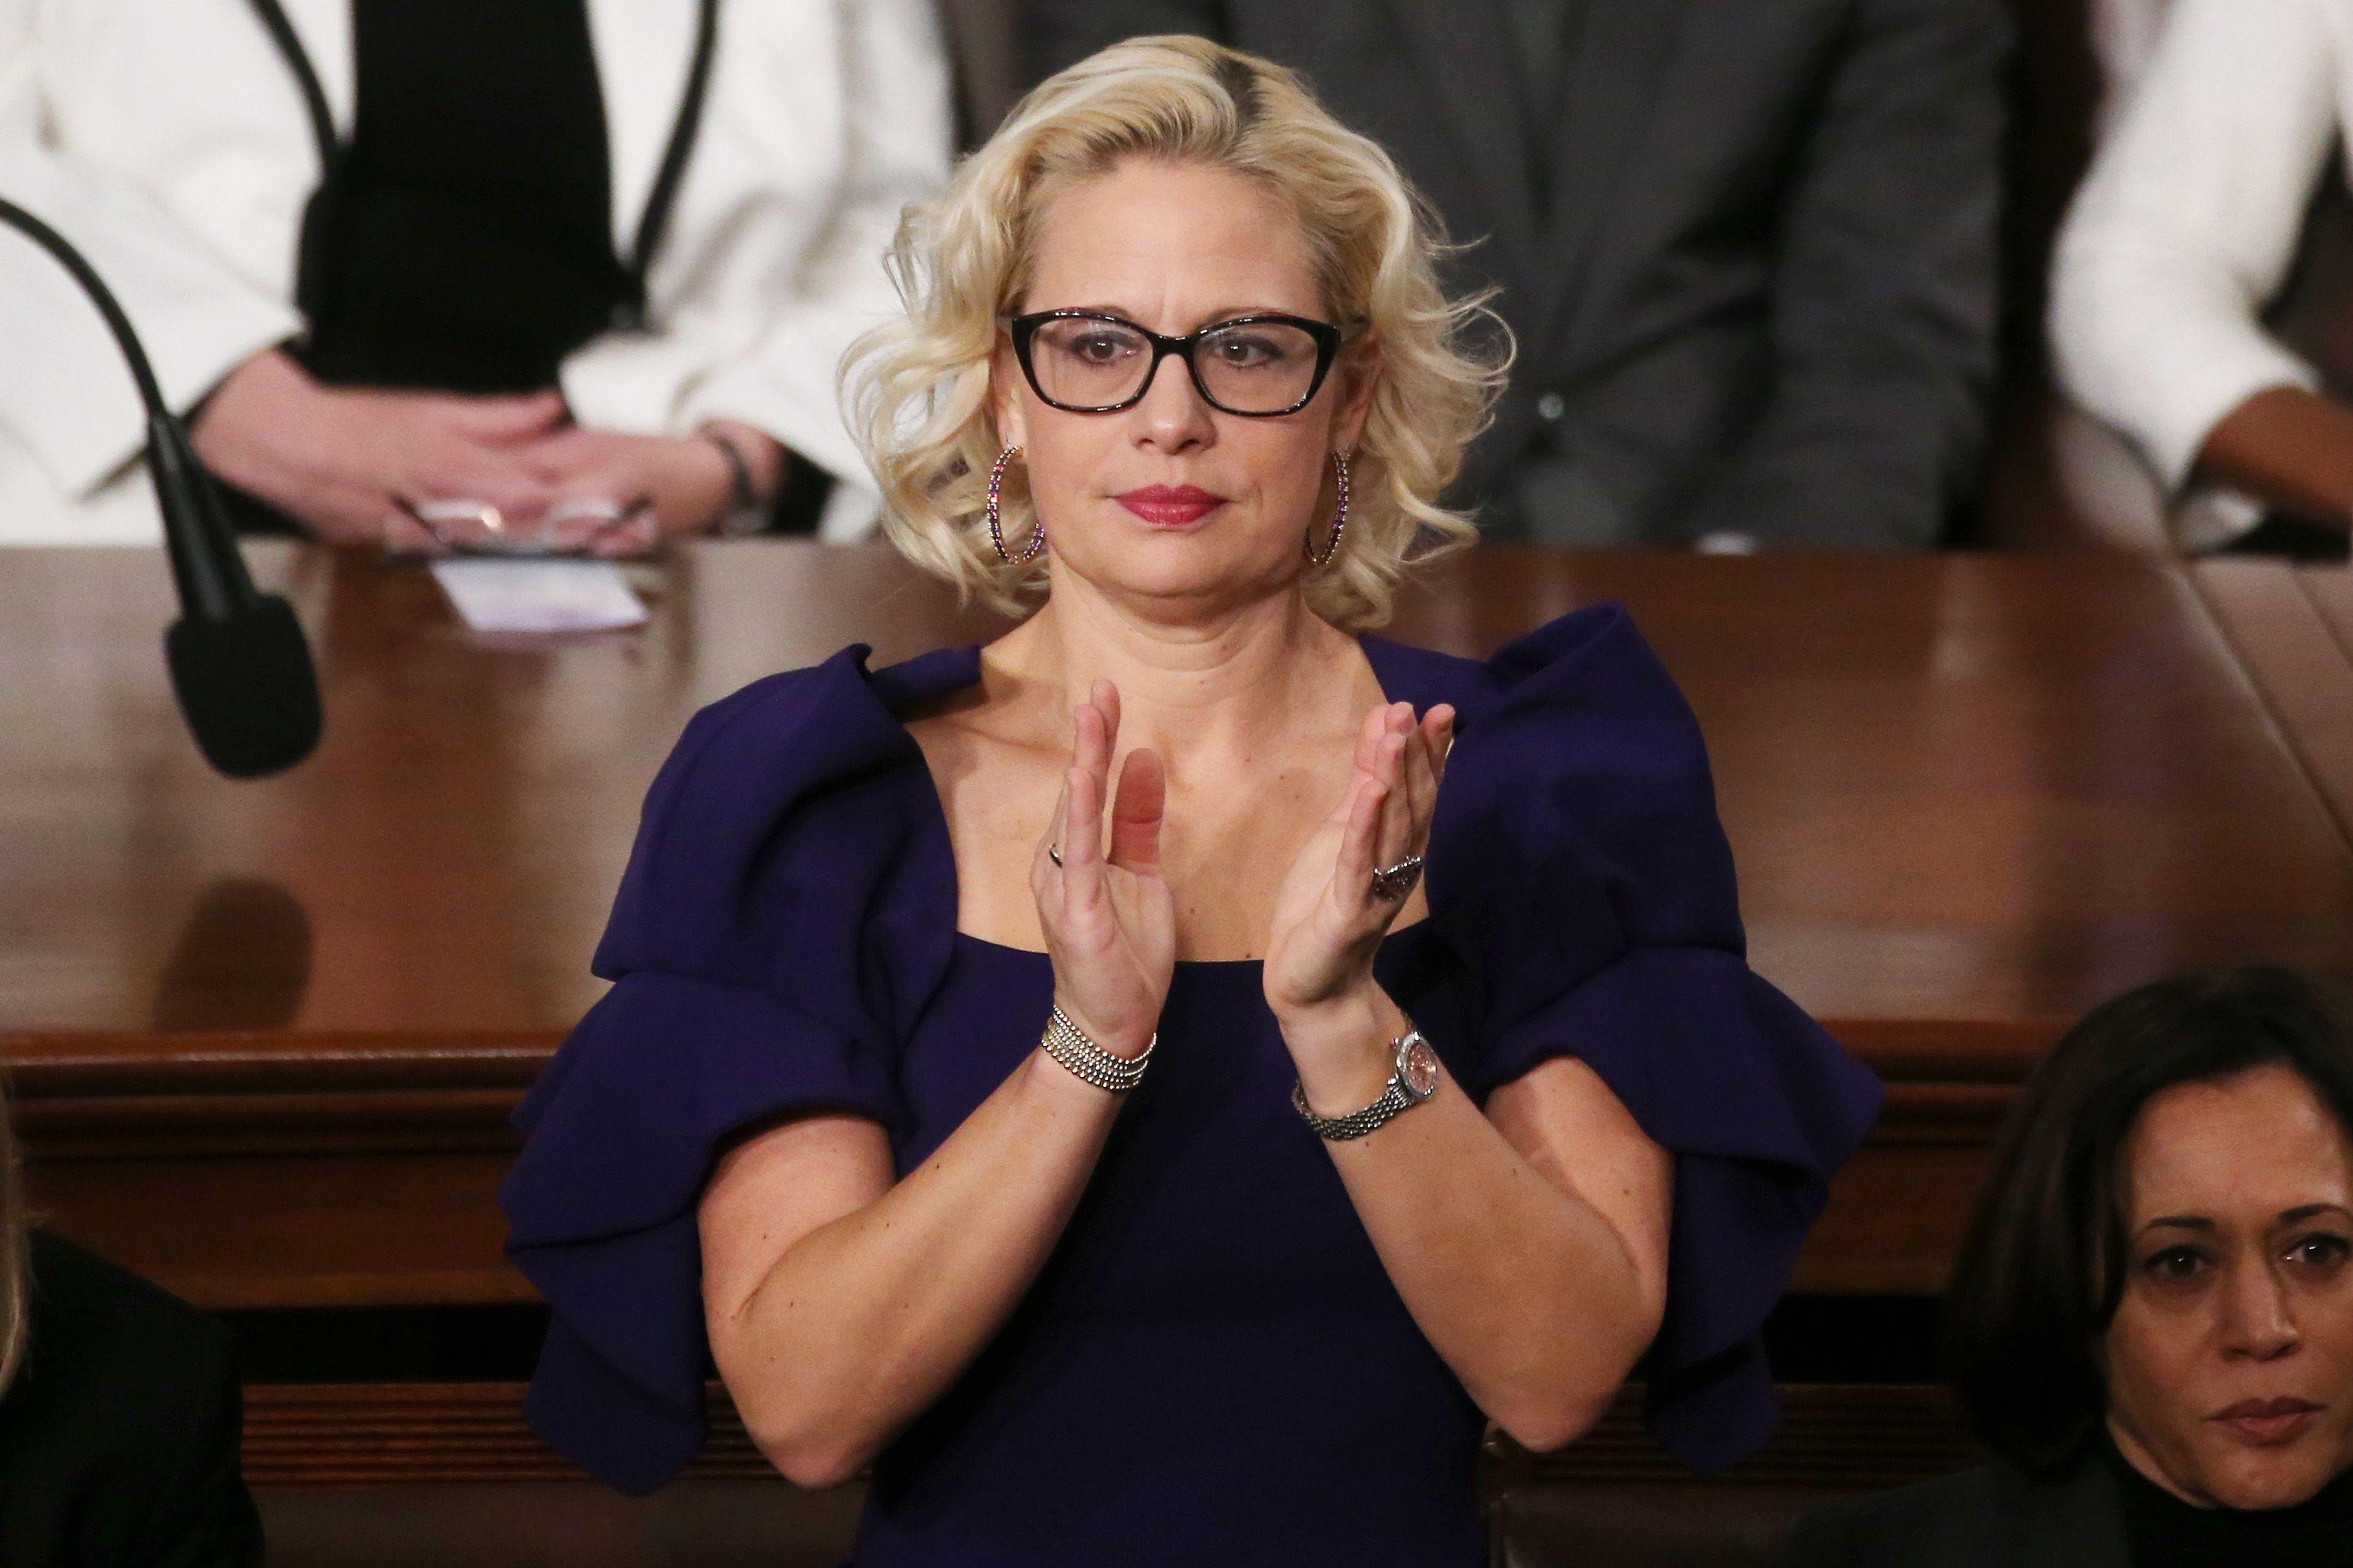 Sen. Kyrsten Sinema to vote to convict Trump - Axios